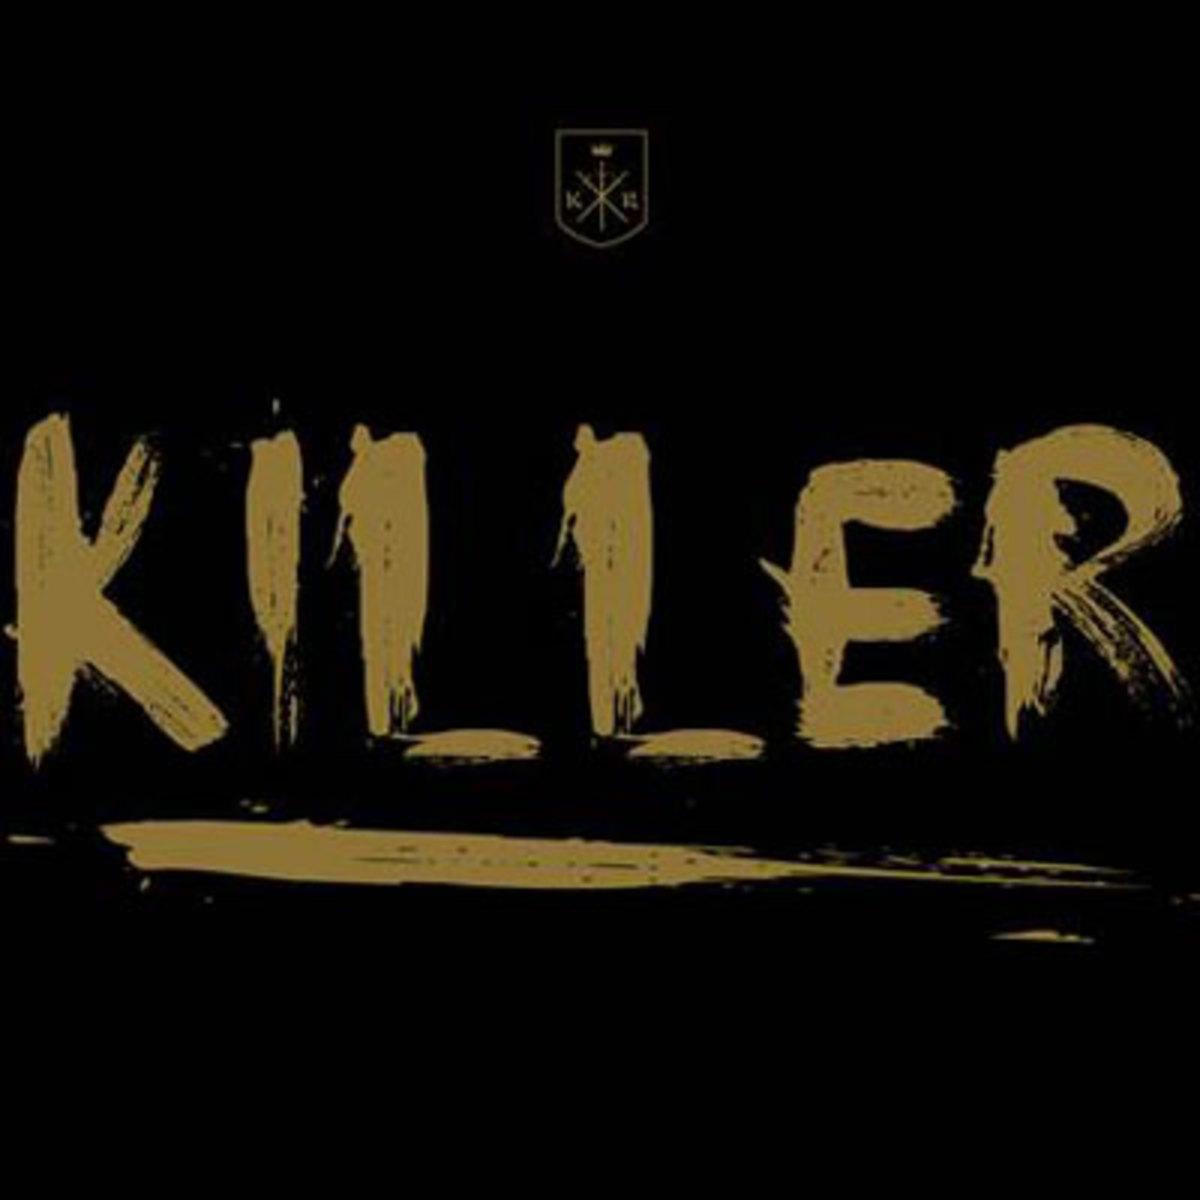 kingreign-killer.jpg